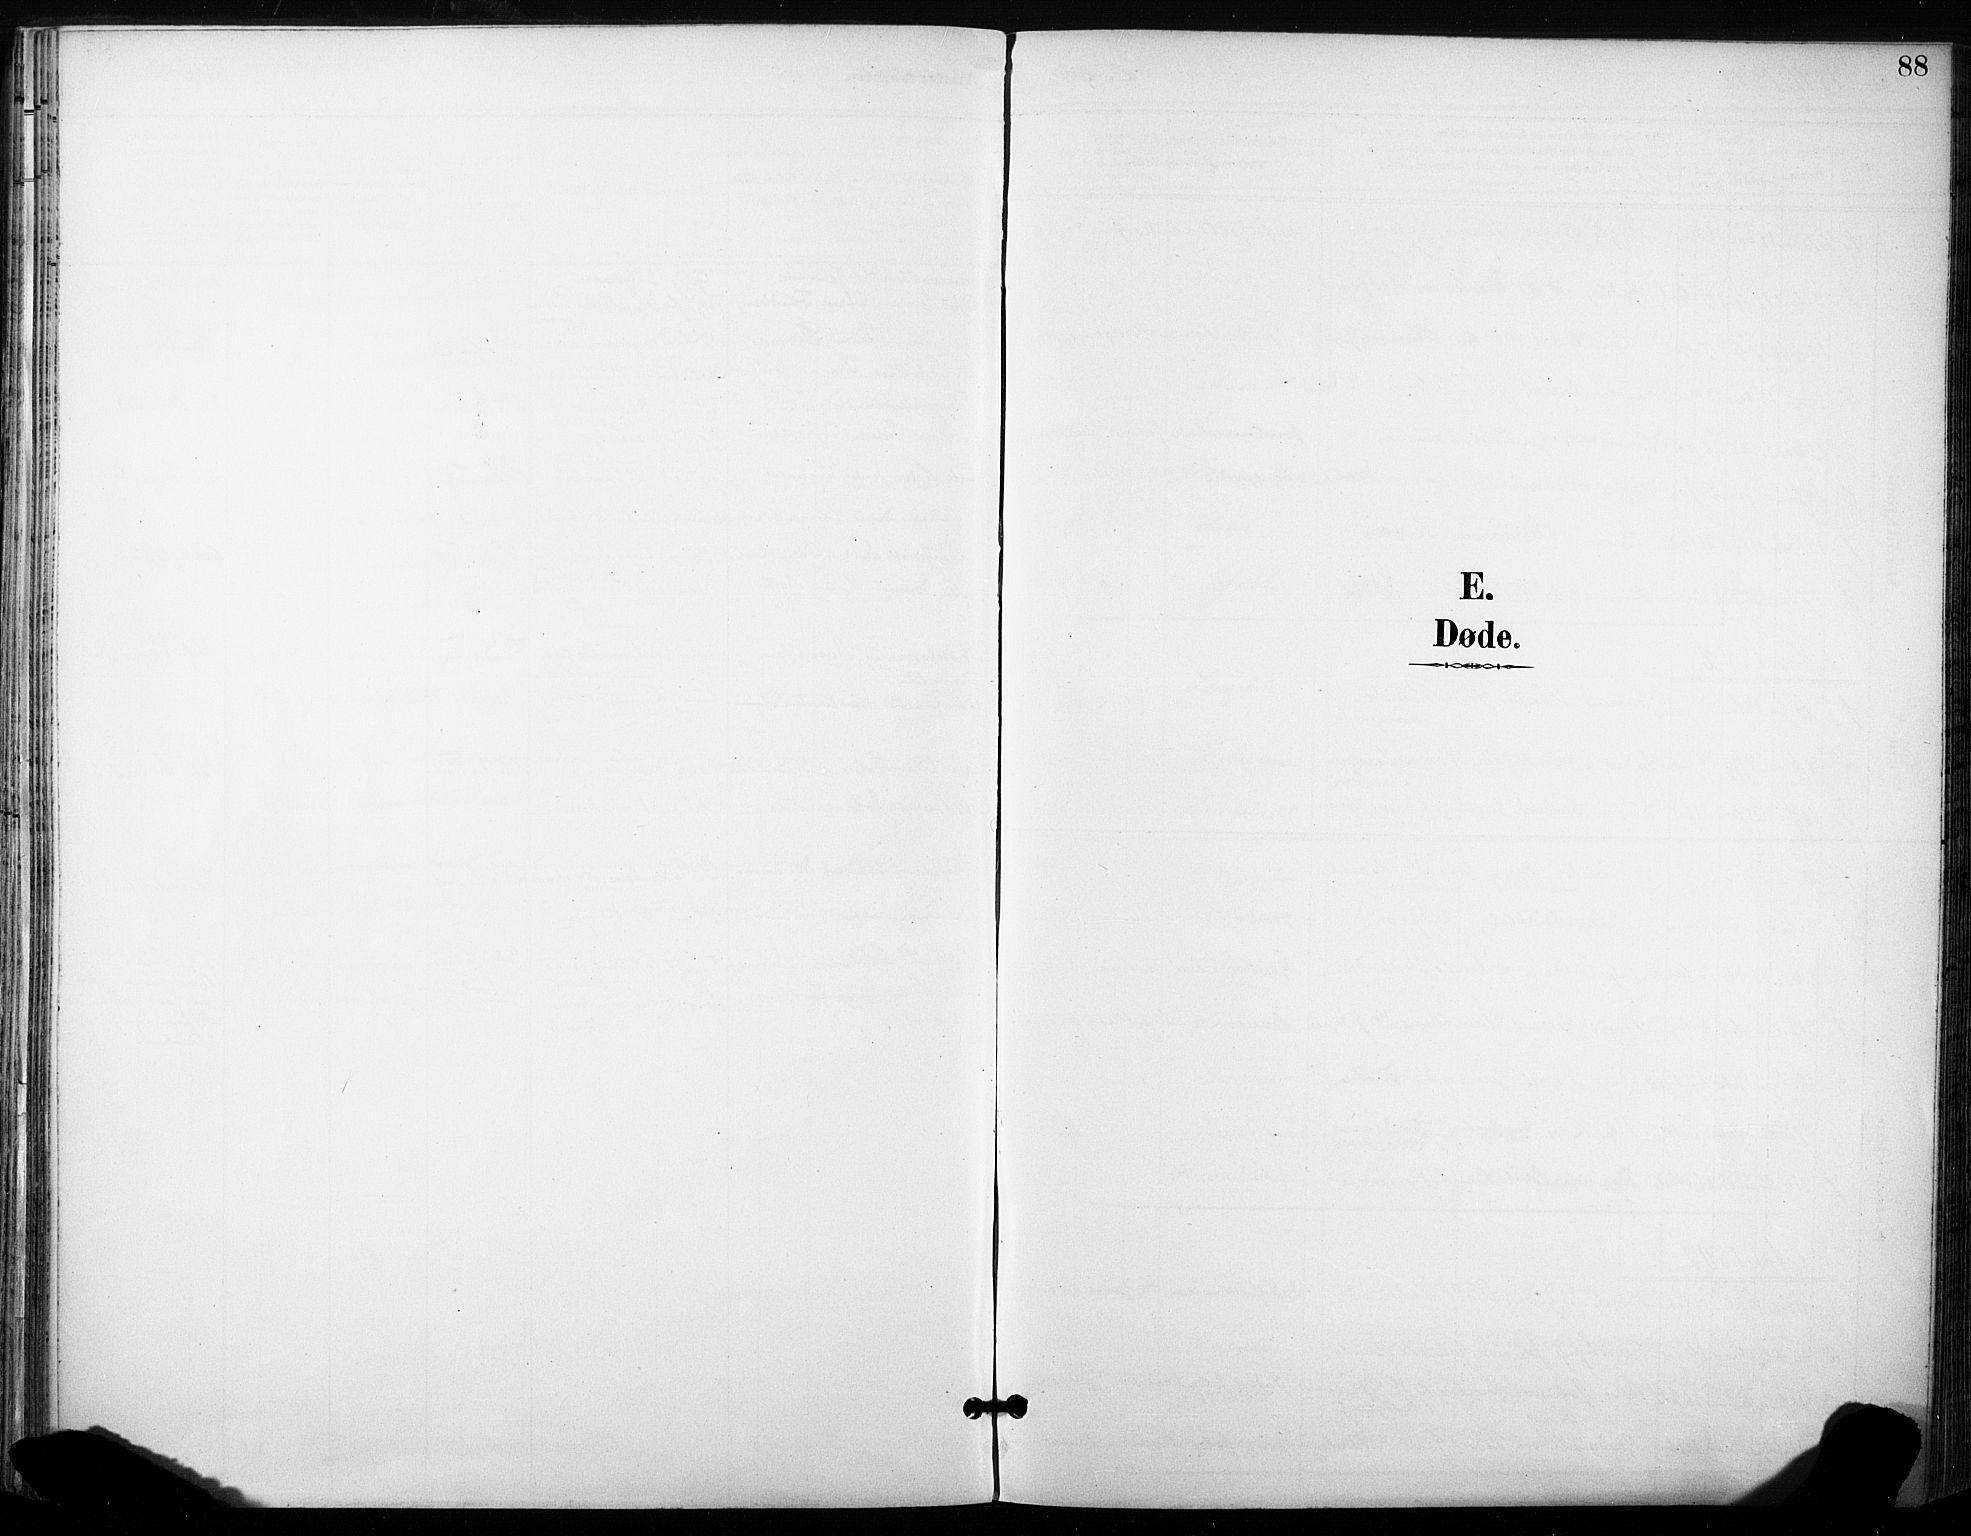 SAT, Ministerialprotokoller, klokkerbøker og fødselsregistre - Sør-Trøndelag, 685/L0973: Ministerialbok nr. 685A10, 1891-1907, s. 88